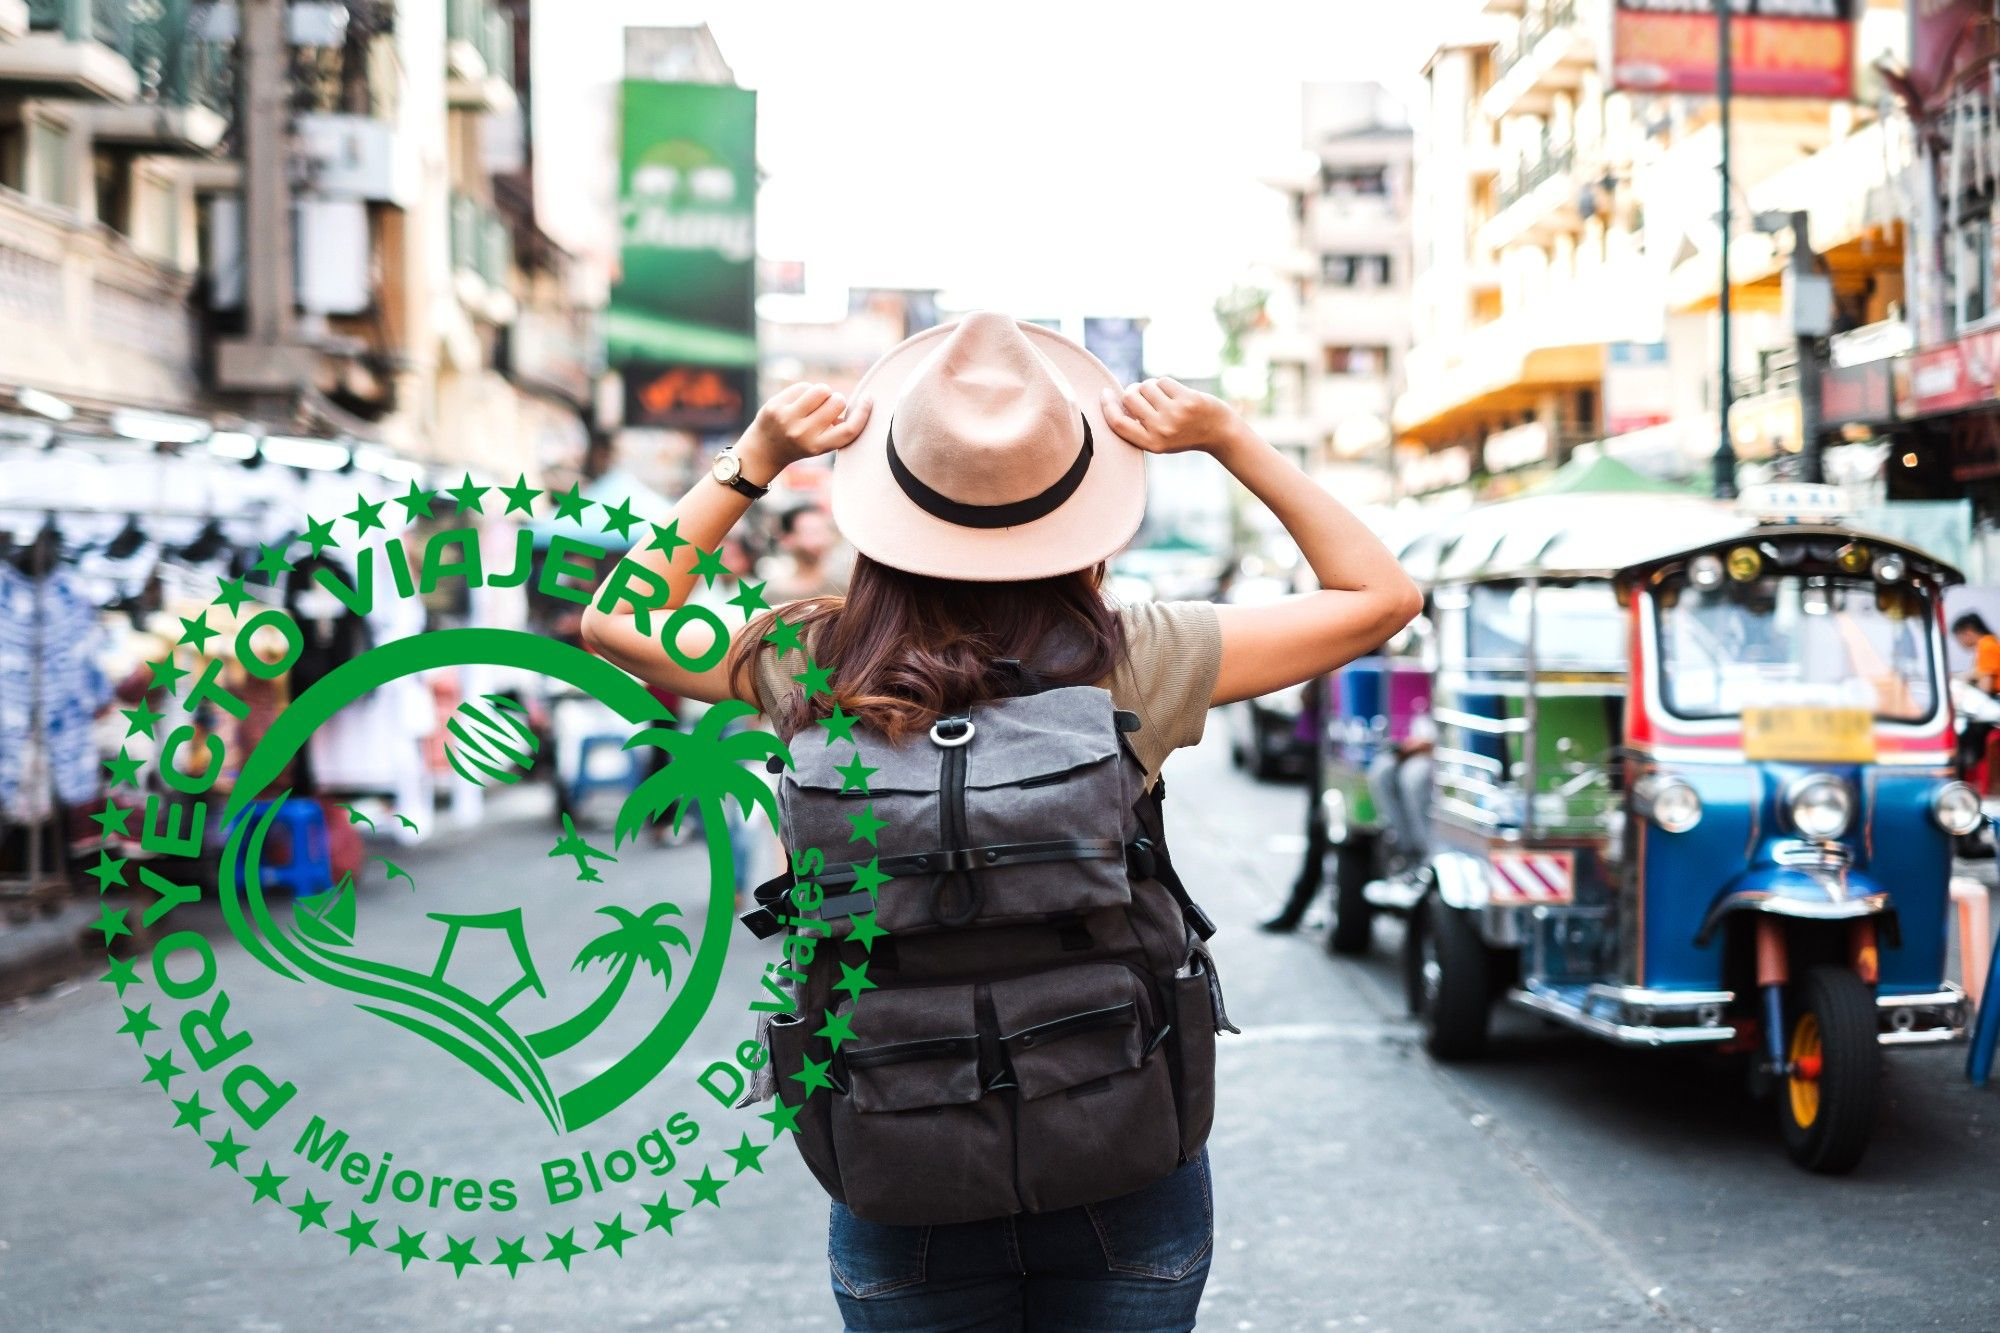 chica con sombrero y mochila de viaje mirando hacia la calle en Camboya. En la imagen hay un sello de proyecto viajero con el nombre y los mejores blogs de viajes